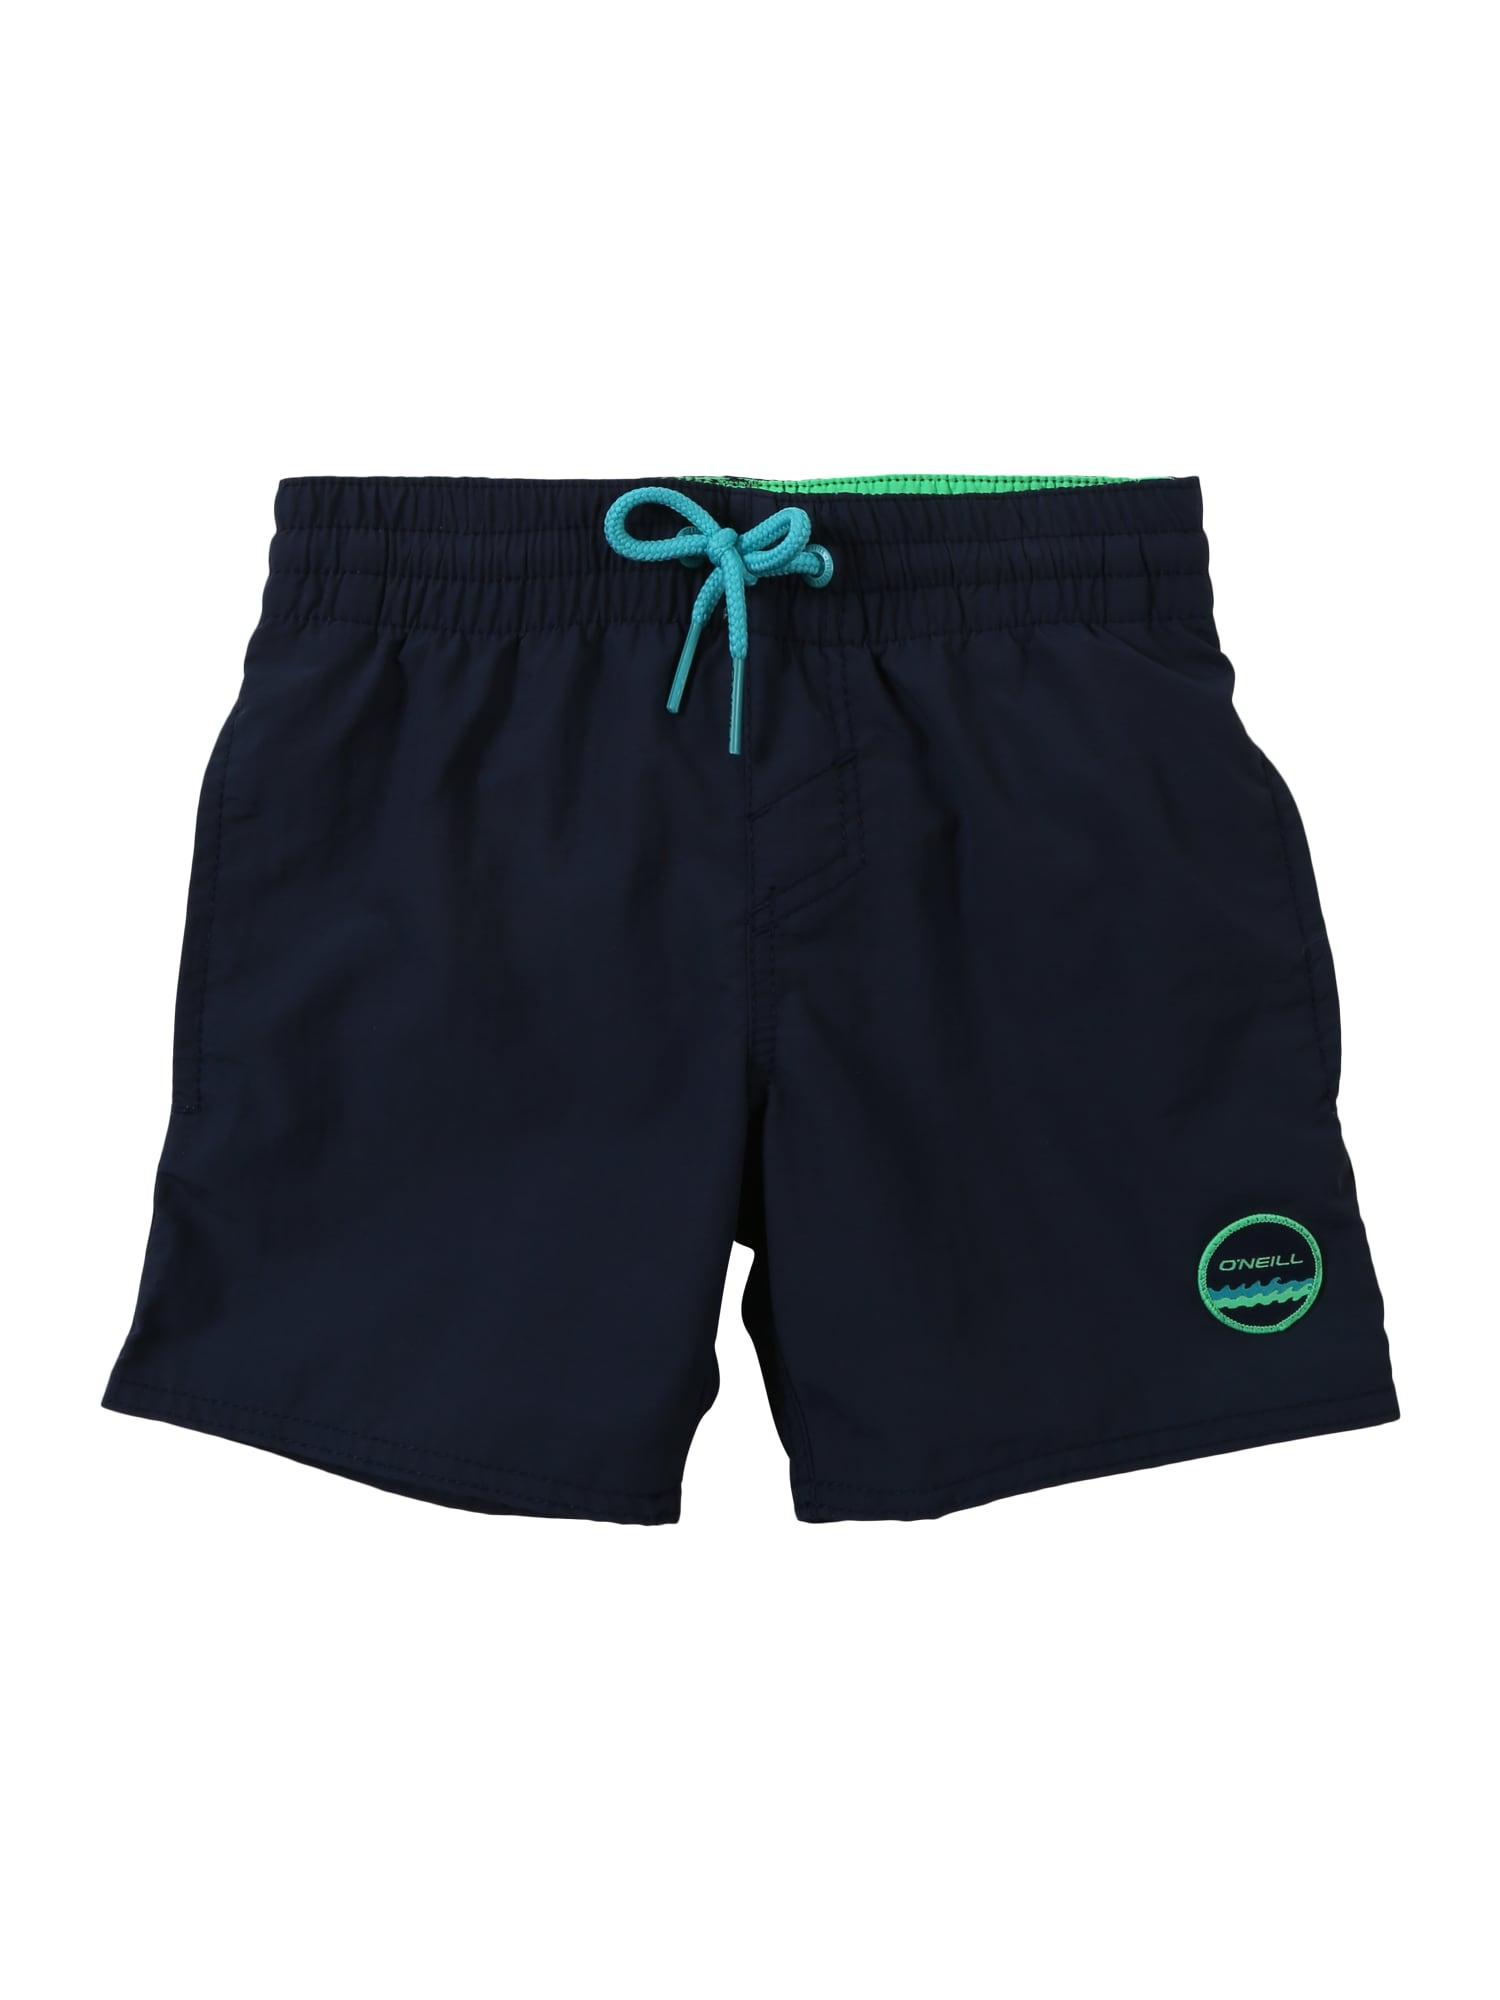 ONEILL Plavecké šortky tmavě modrá O'NEILL